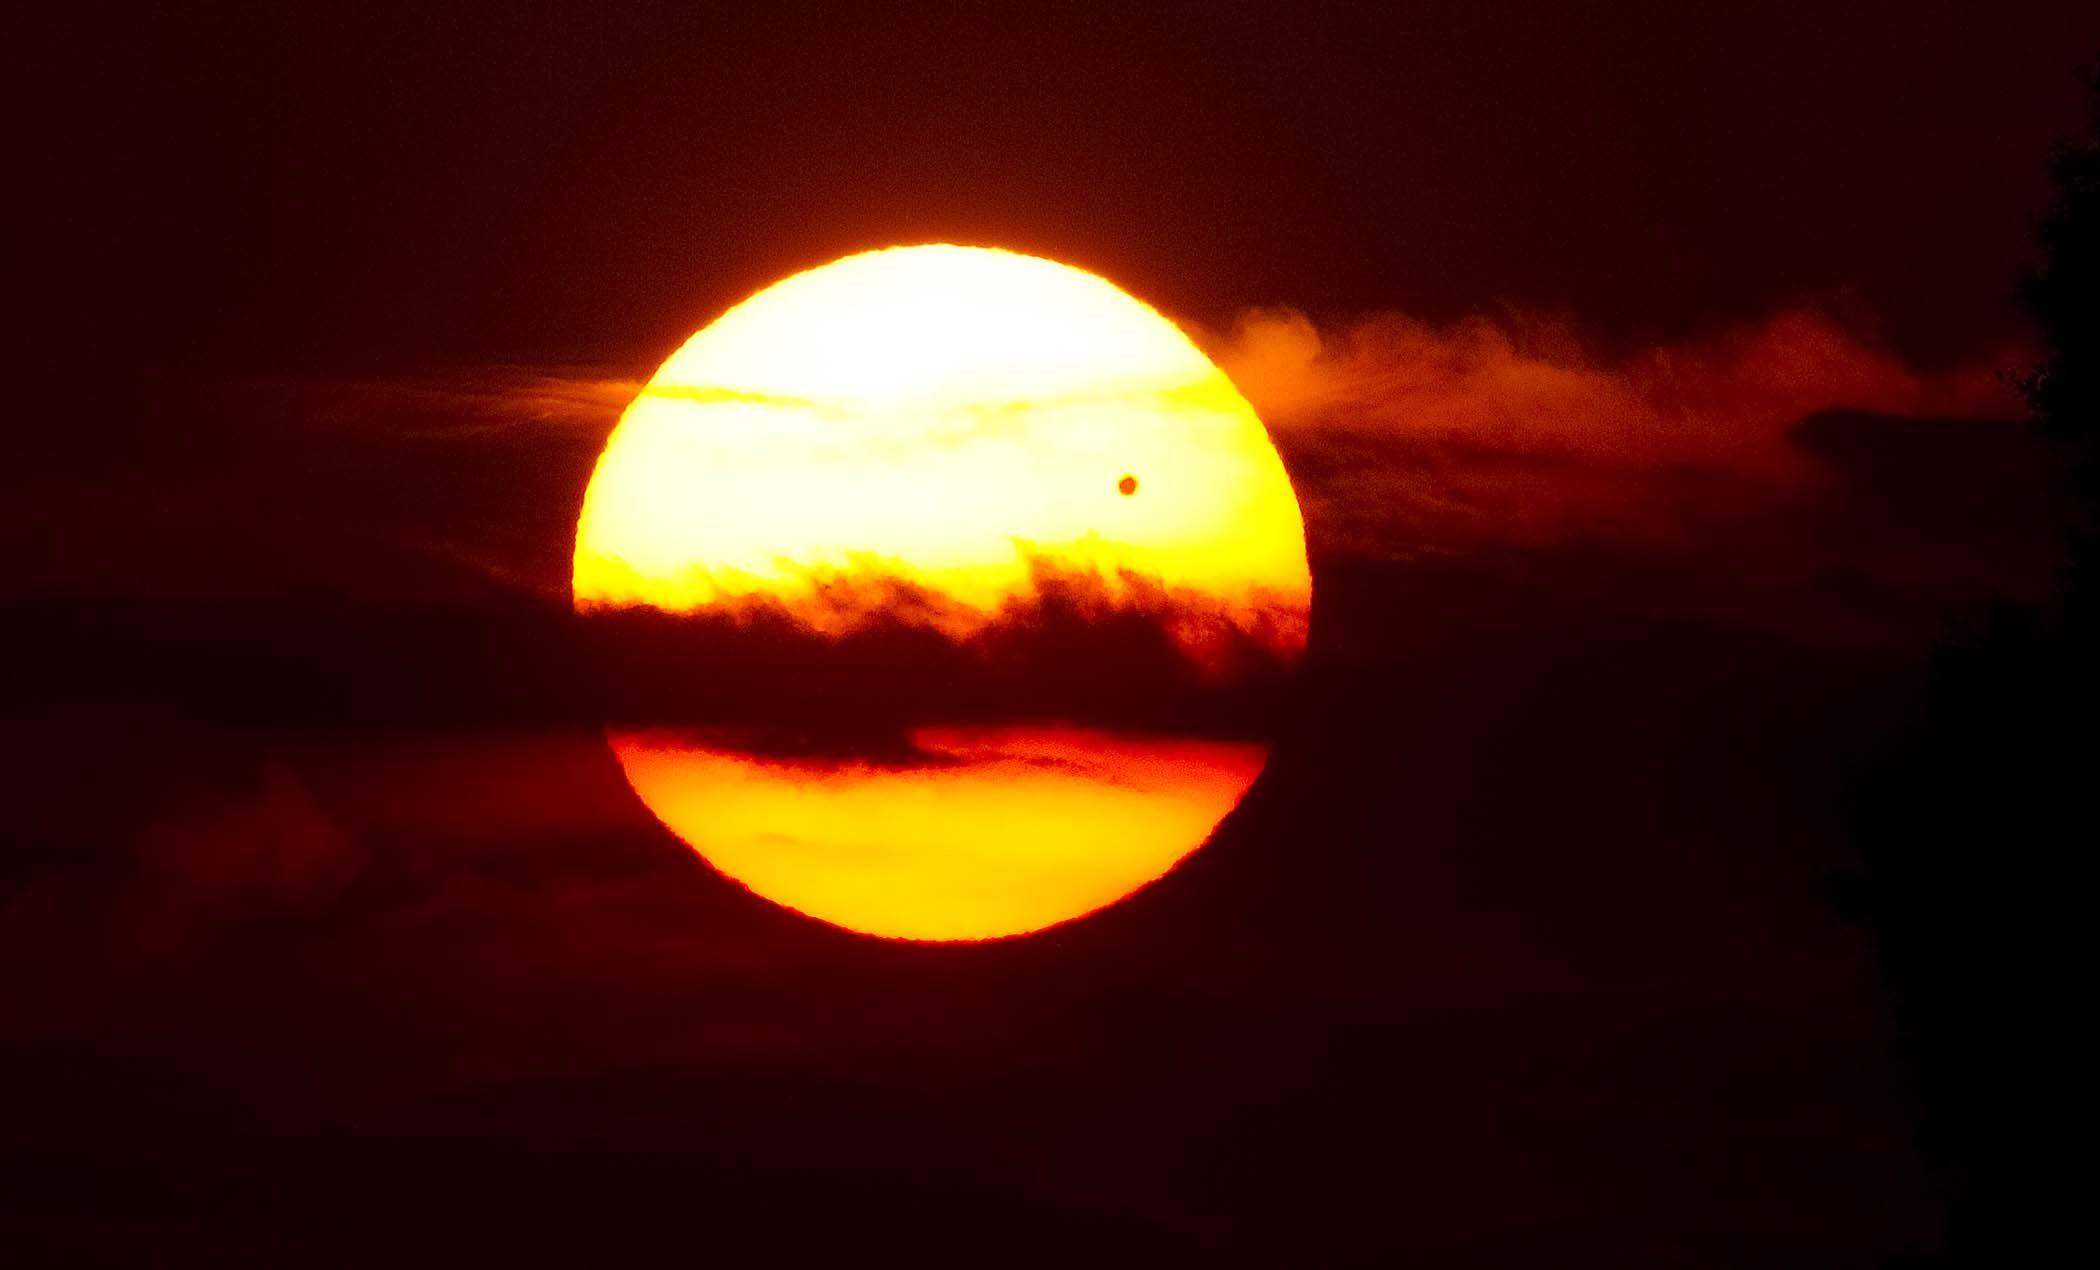 можно виде восход солнца на венере фото модельными агентствами снимаю